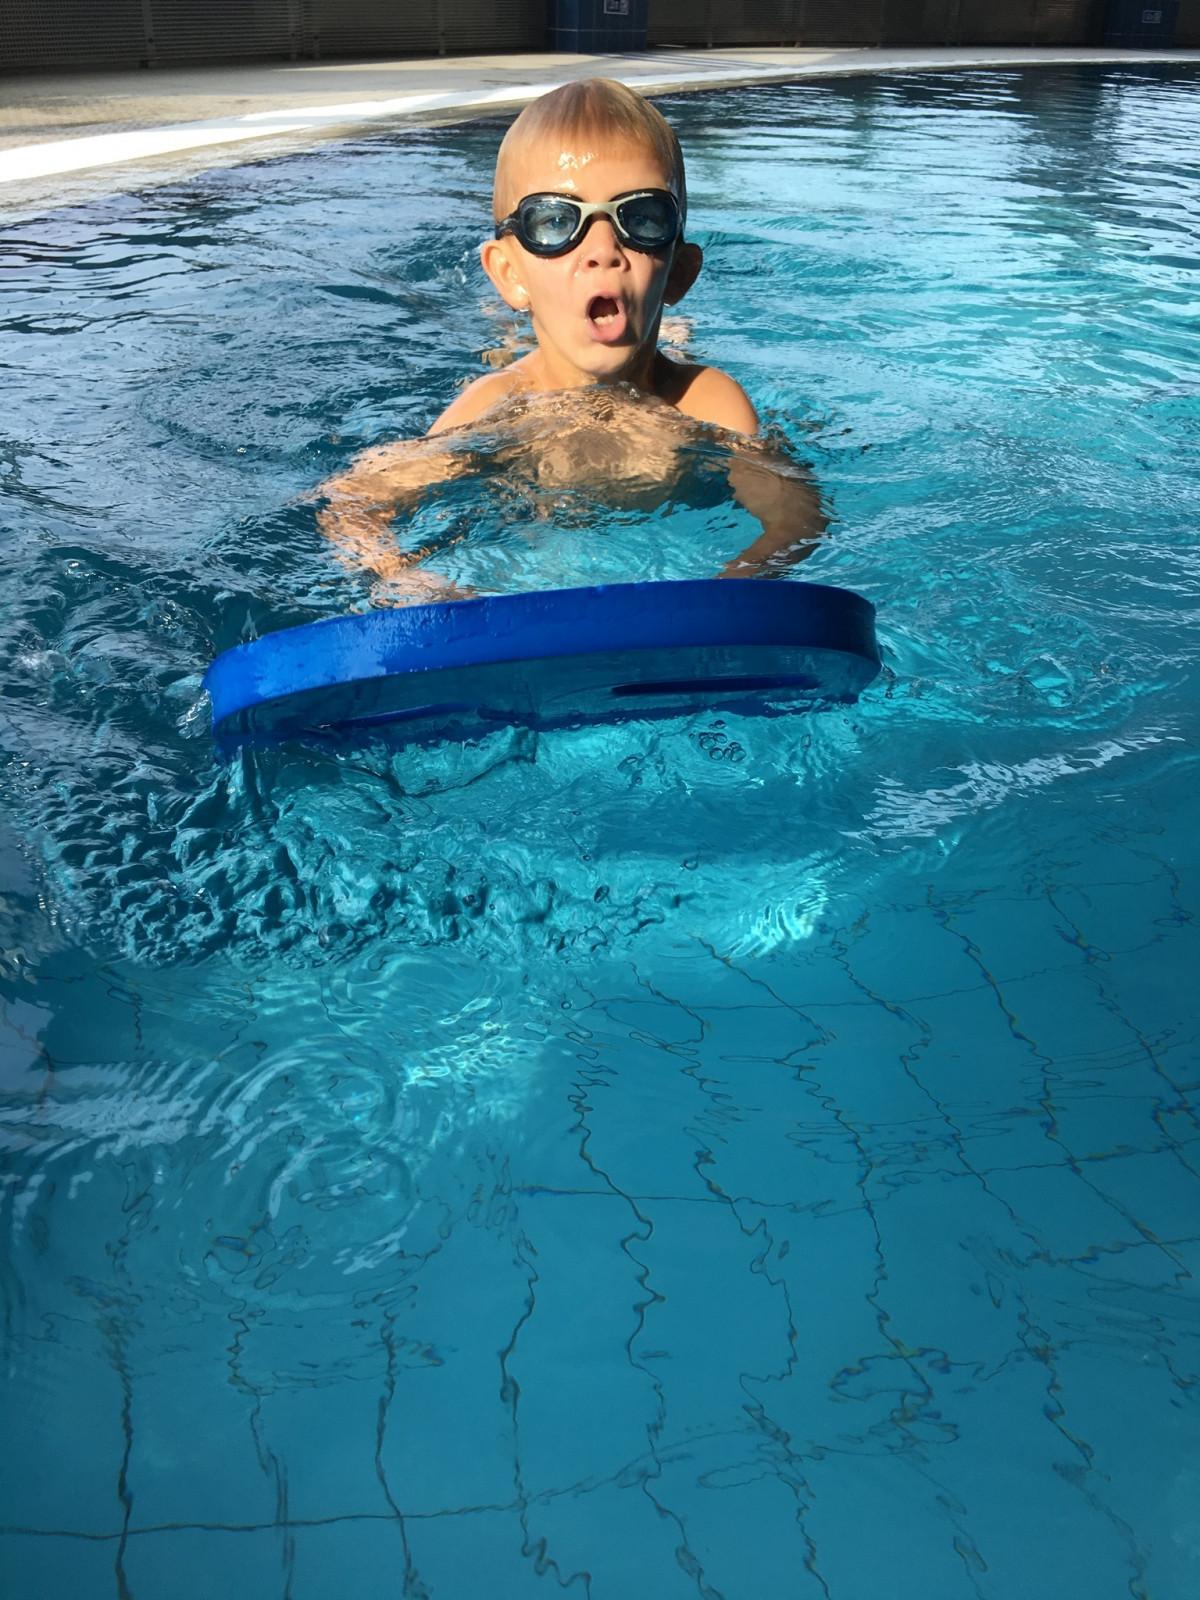 Fotos gratis mar agua buceo piscina submarino ni o for Piscina gratuita